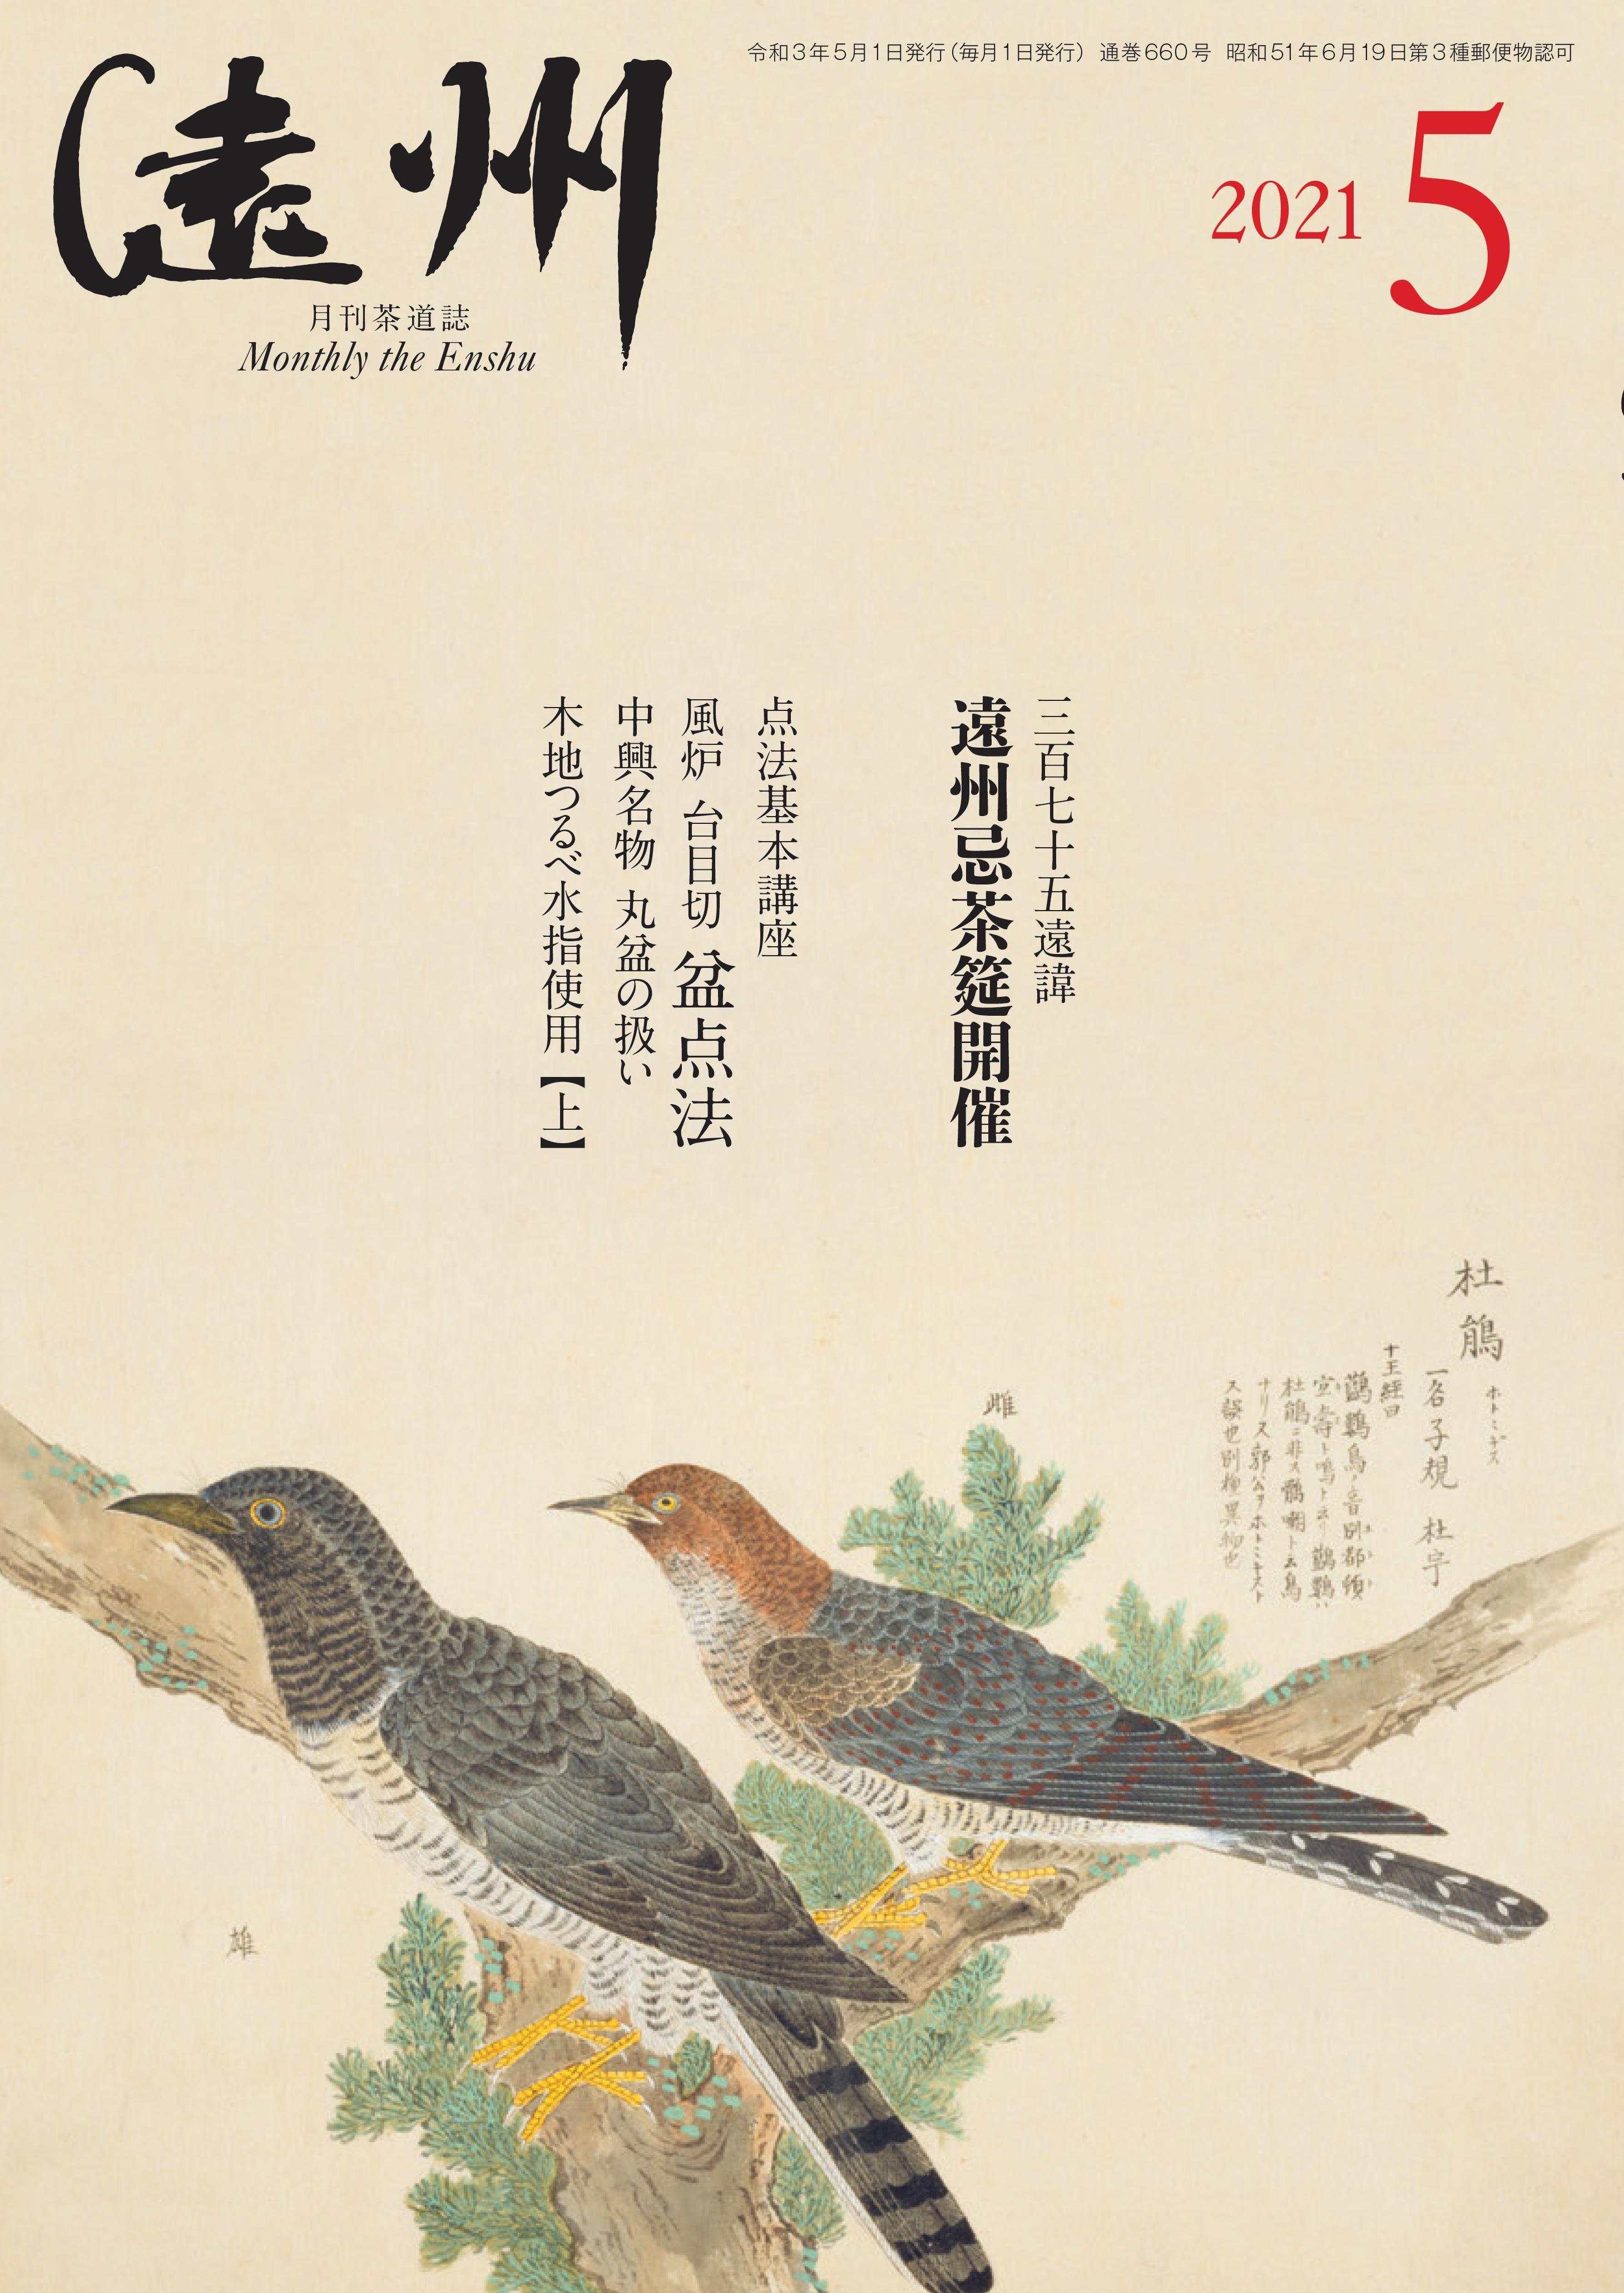 月刊遠州最新号表紙